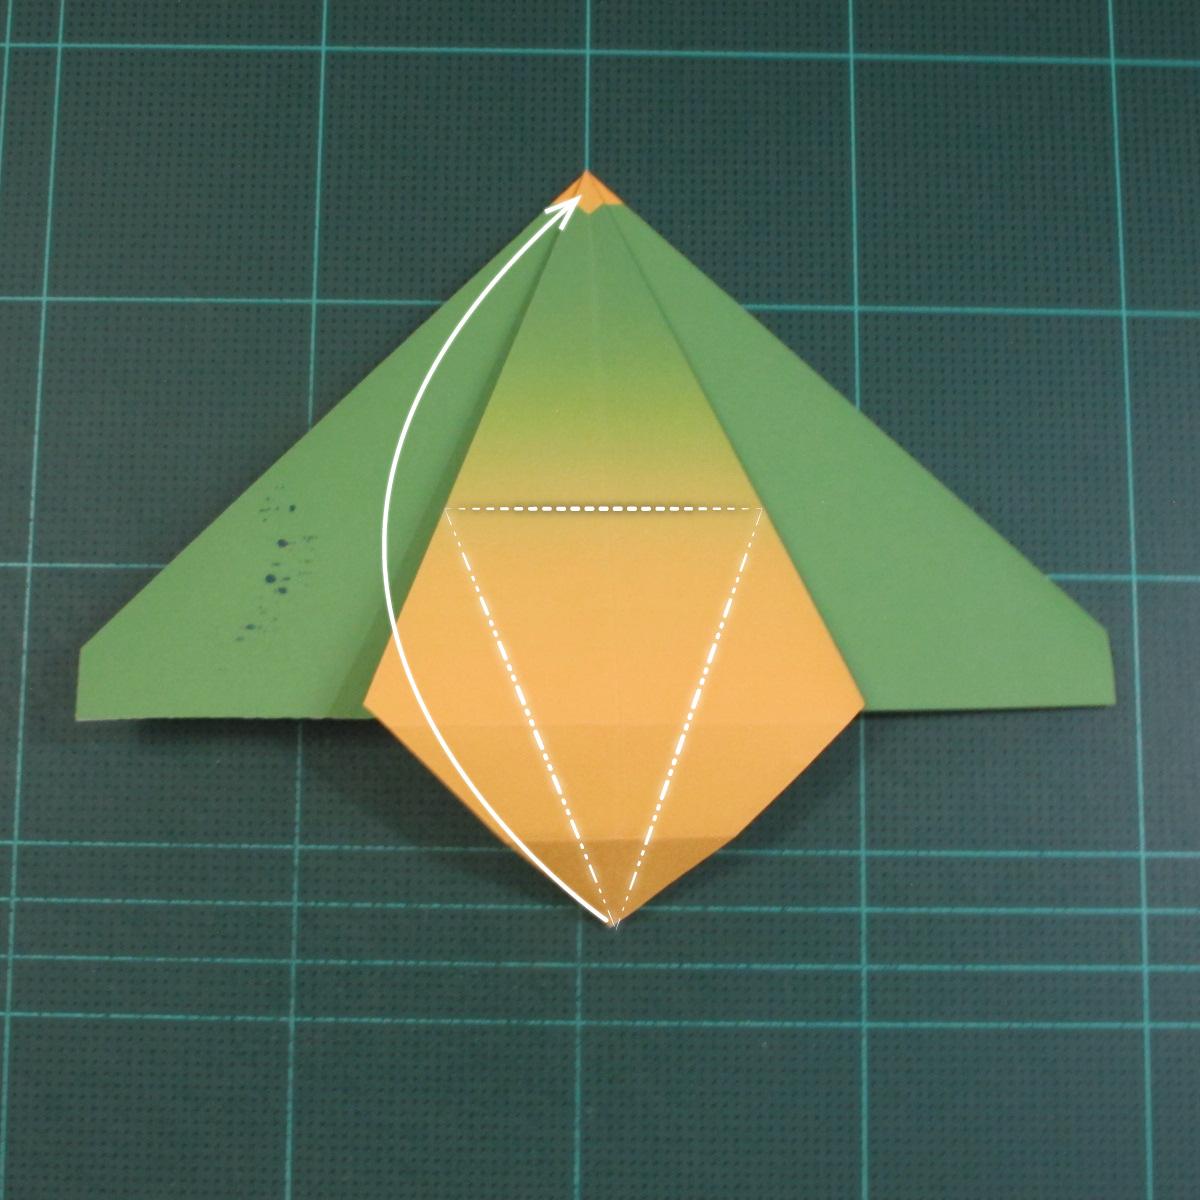 วิธีพับกระดาษเป็นรูปนกแก้ว (Origami Parrot) 015